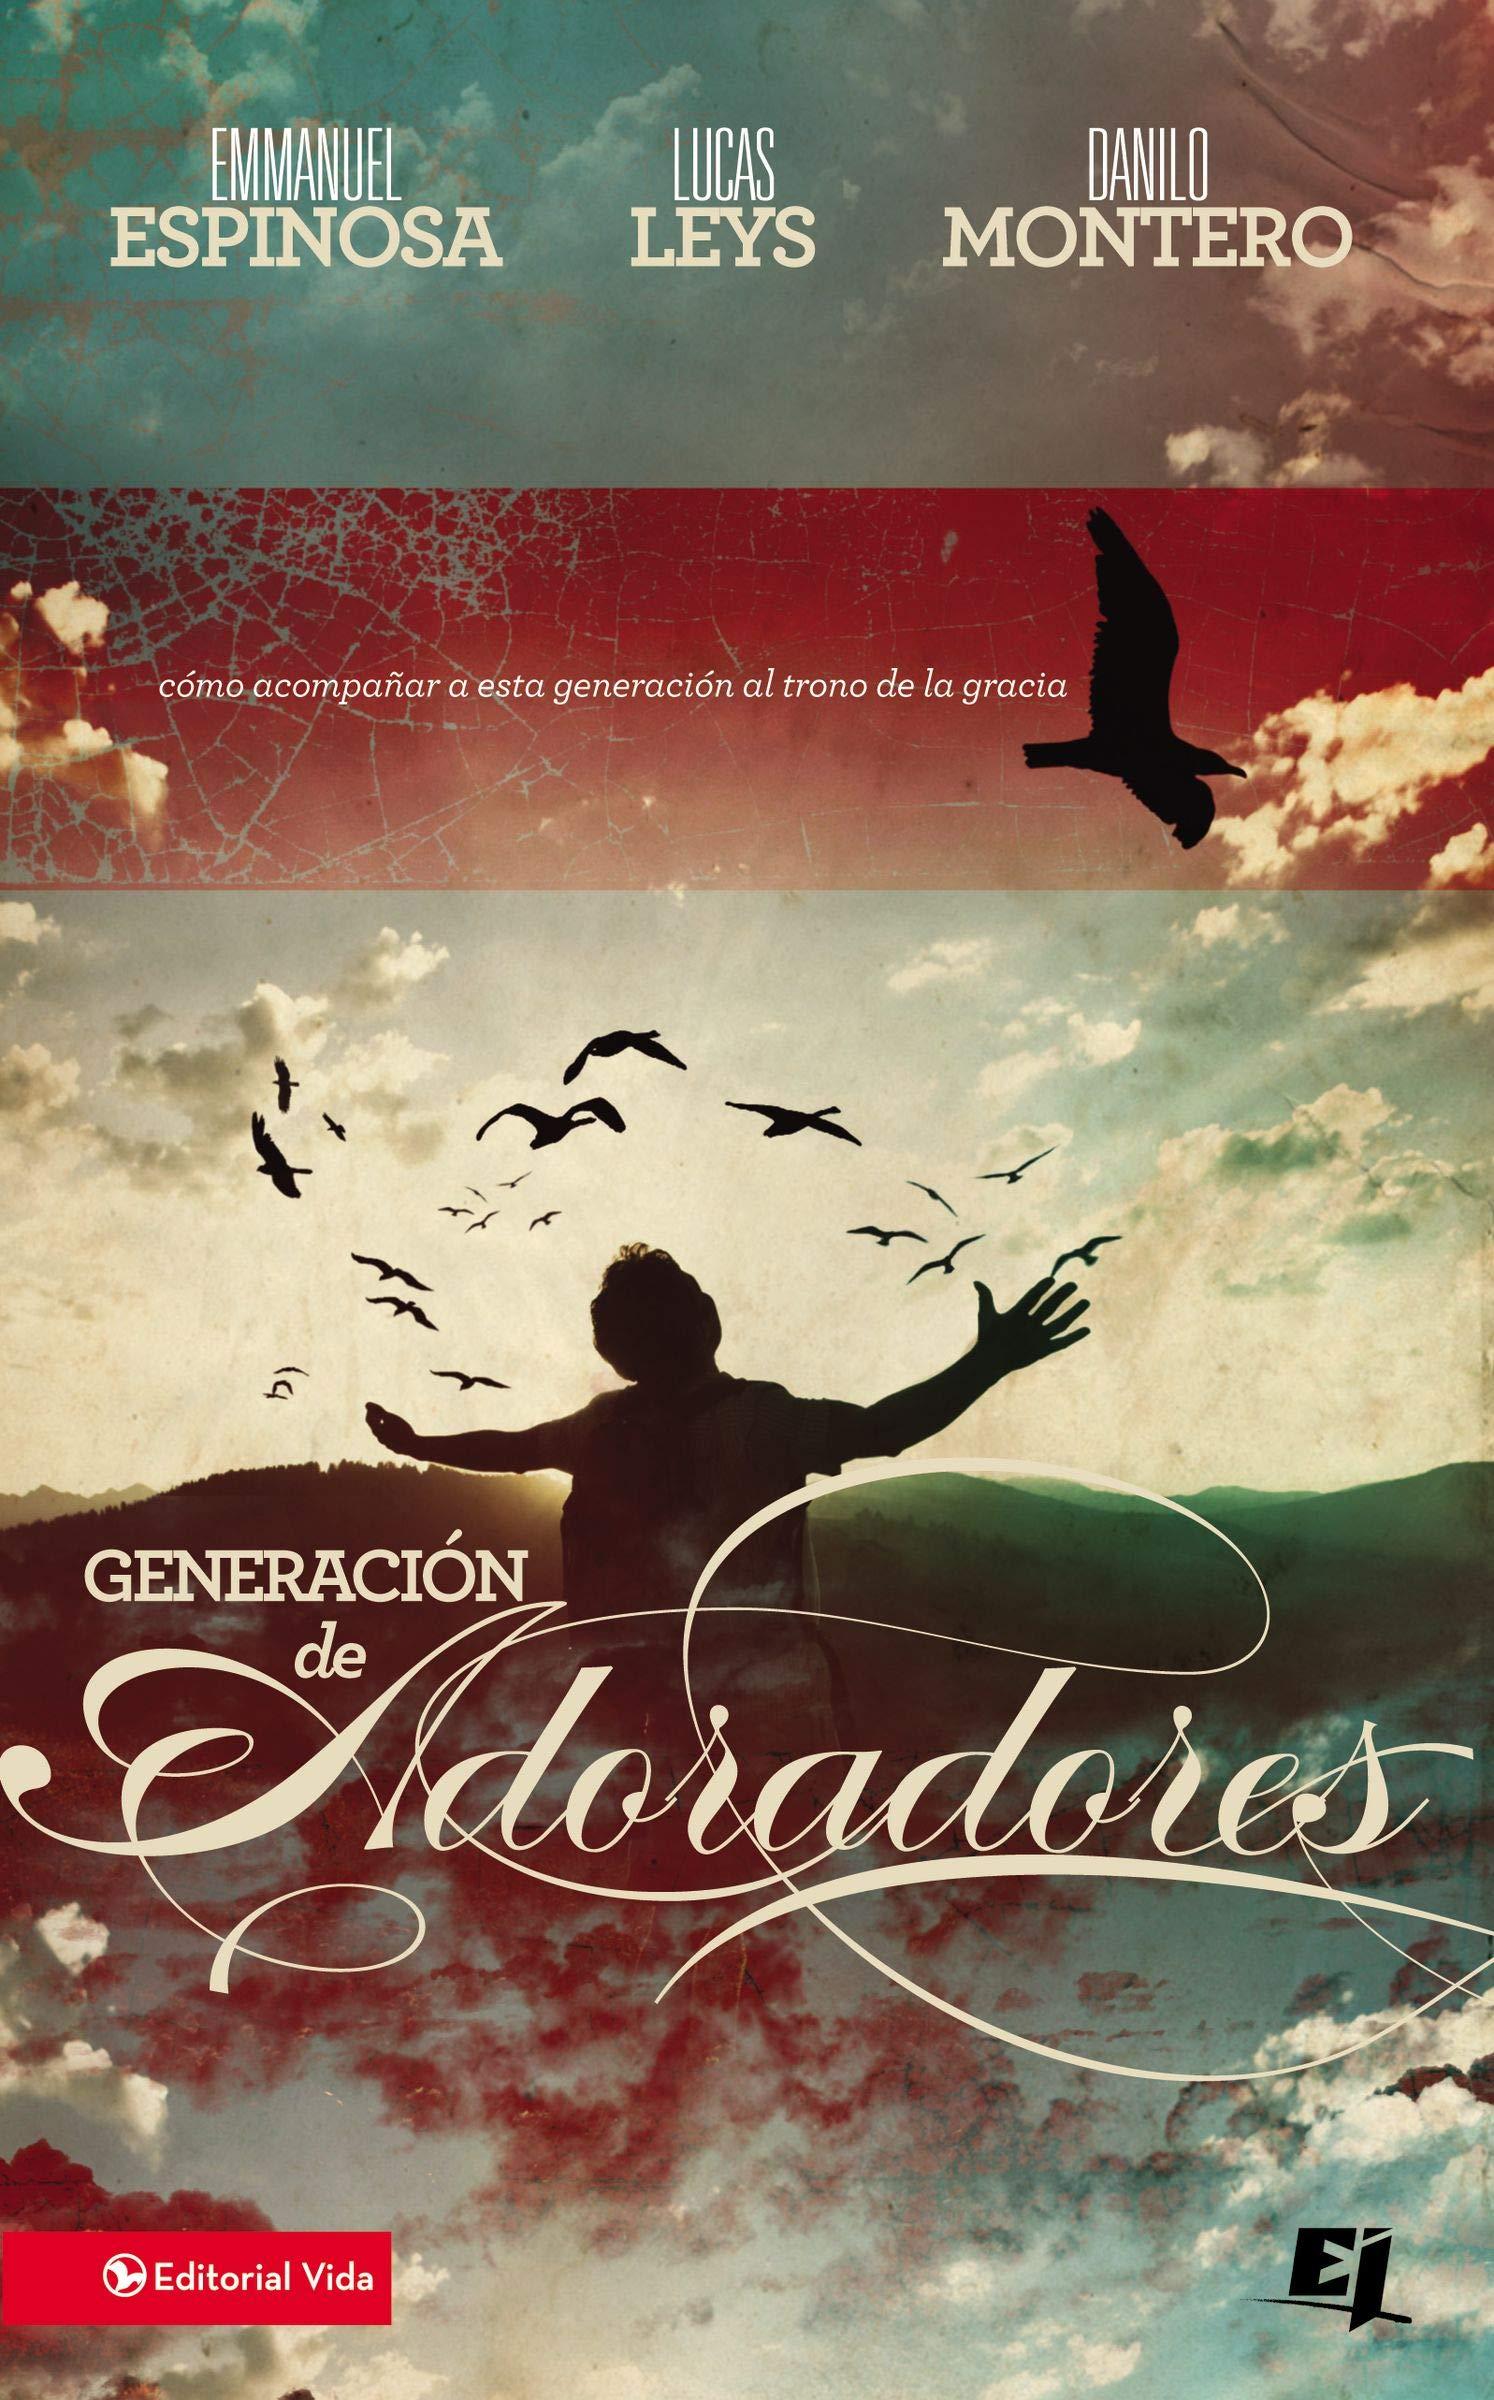 Generacion de Adoradores: Cómo Acompañar a Esta Generación Al Trono de la Gracia Especialidades Juveniles: Amazon.es: Espinosa, Emmanuel, Leys, Lucas, Montero, Danilo: Libros